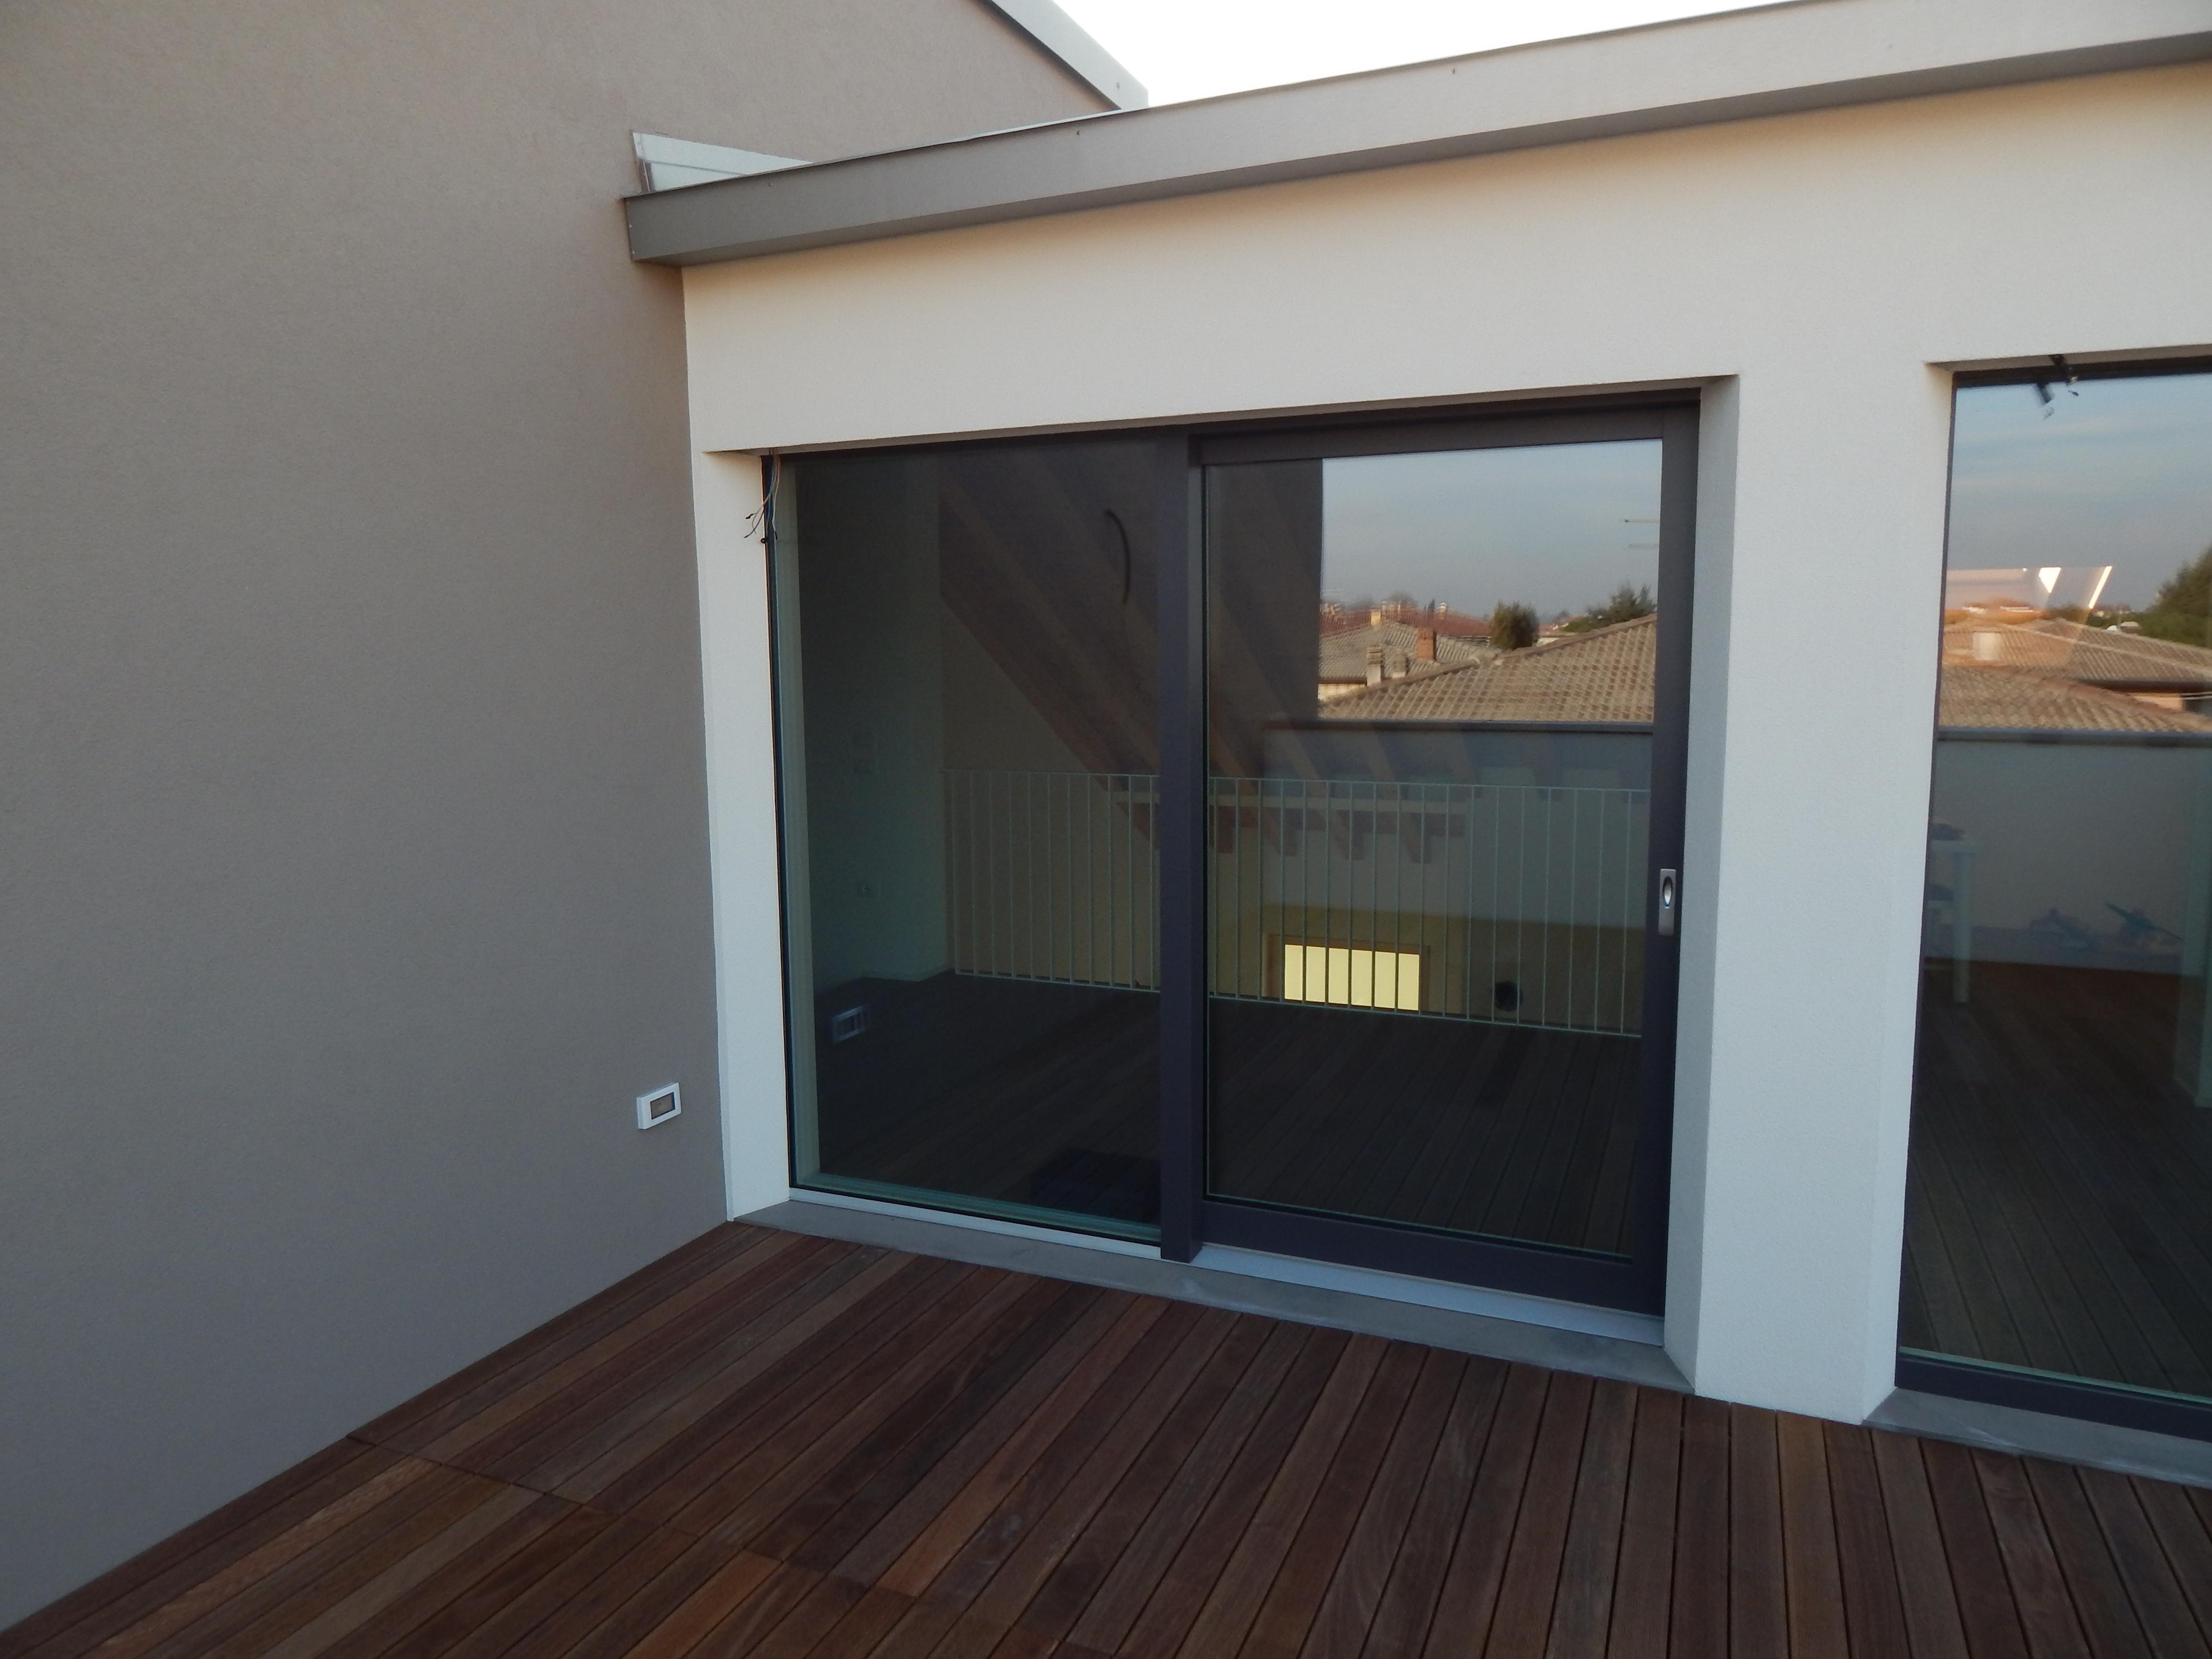 Serramenti Pvc O Alluminio Opinioni finestre pvc o alluminio. awesome infissi pvc o alluminio